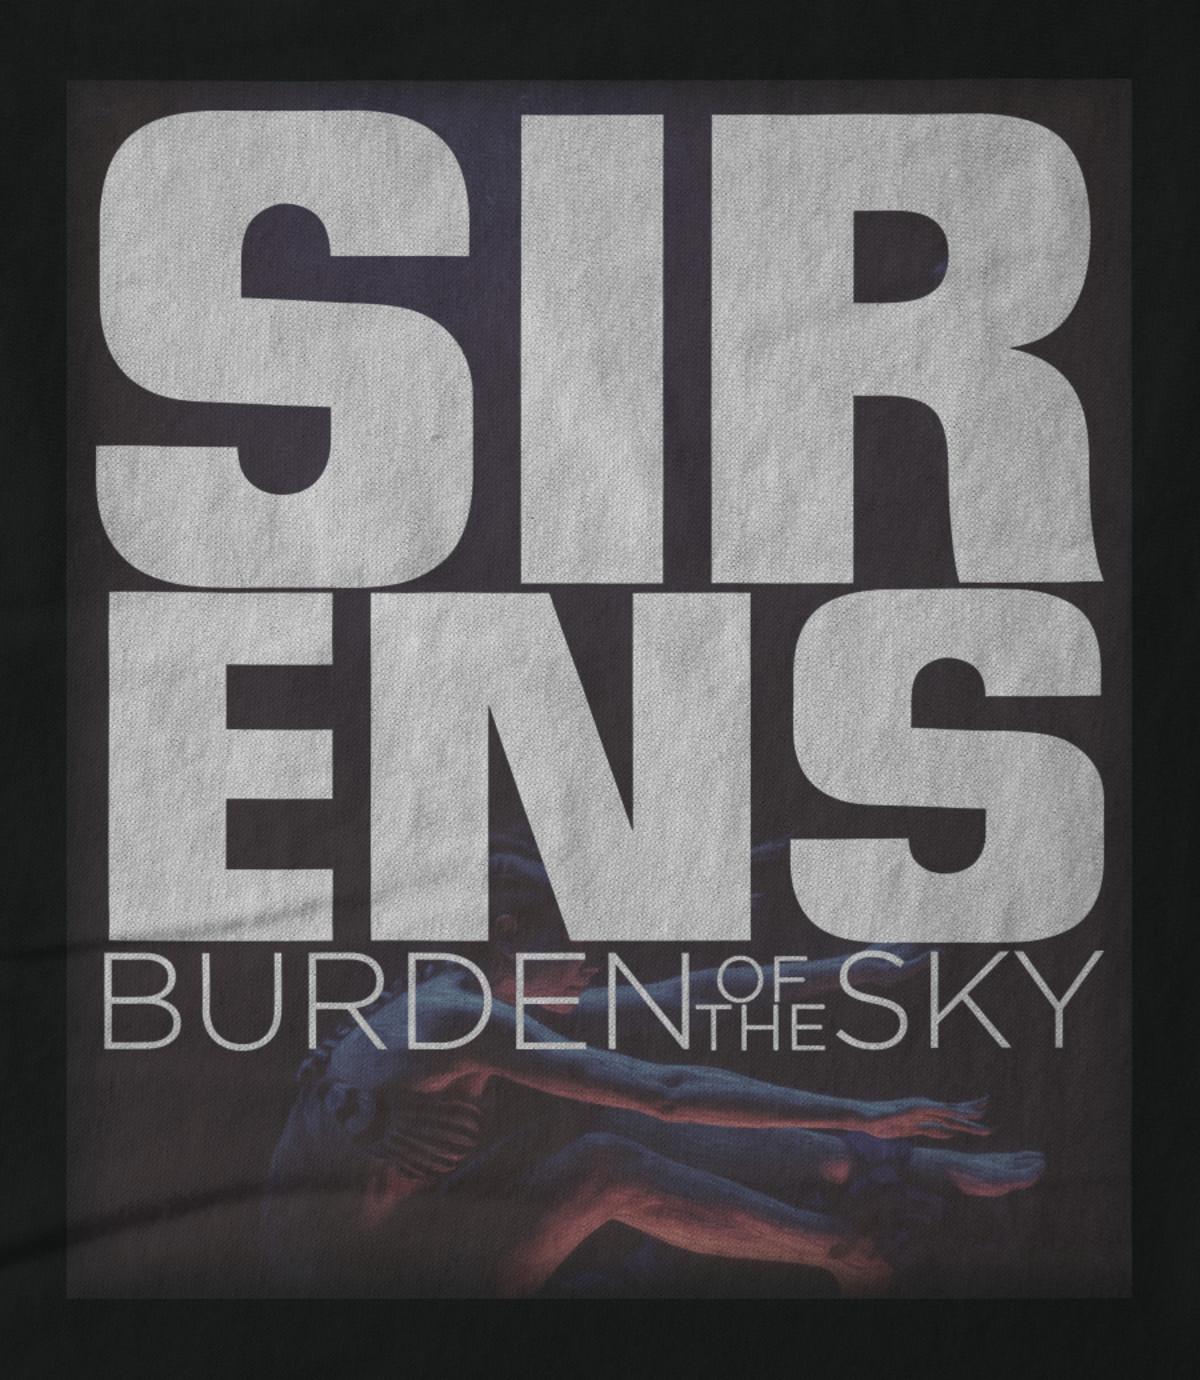 Burden of the sky sirens 1530933945